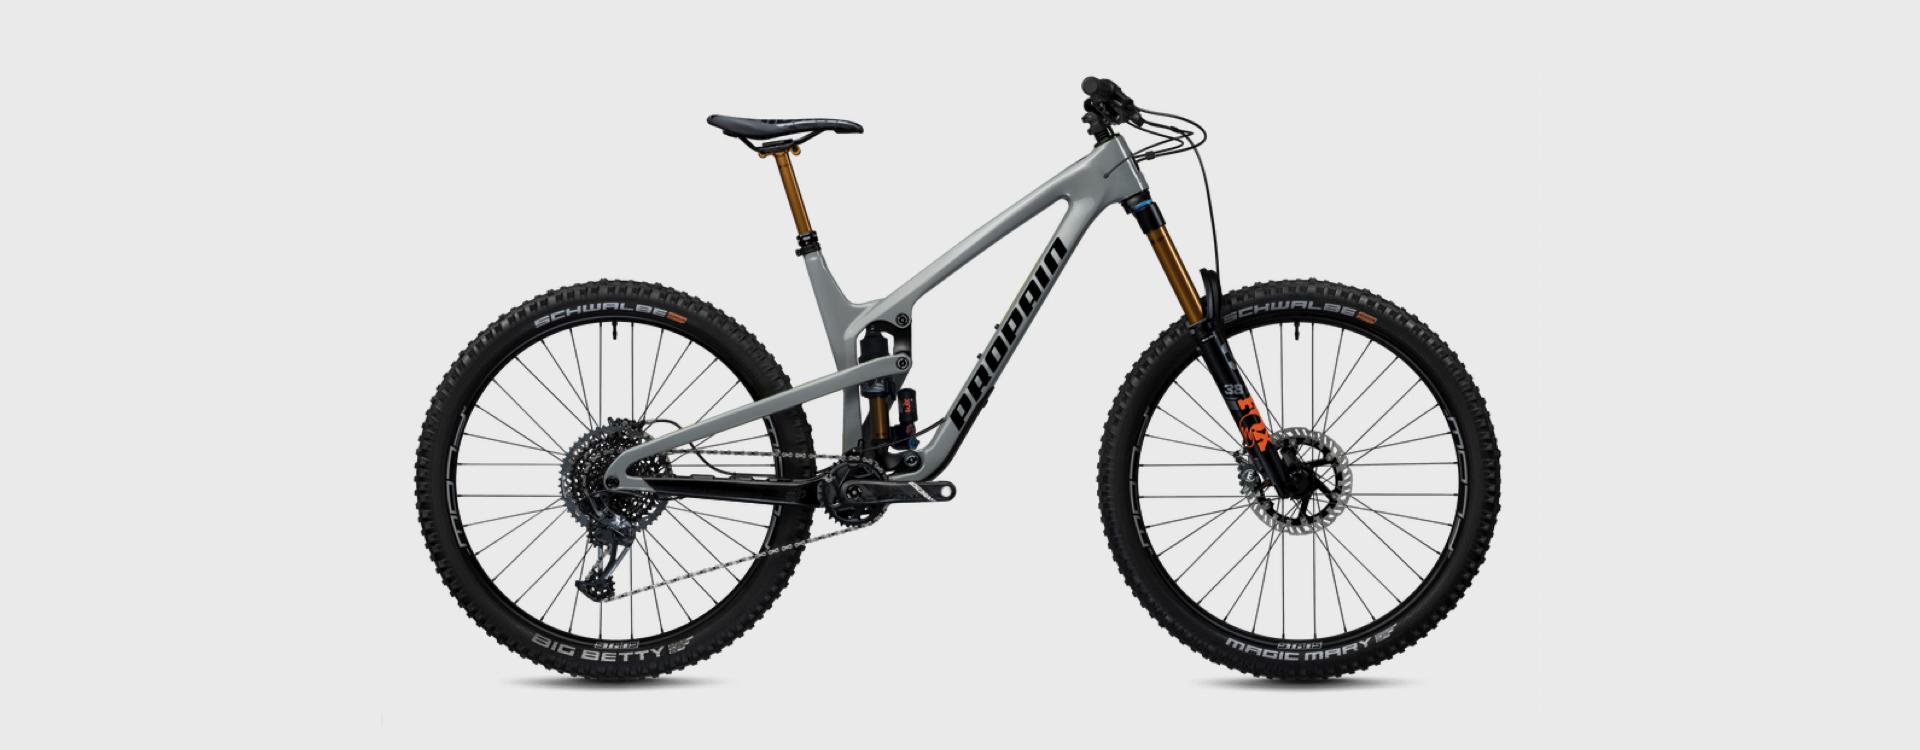 Bike Verleih Gummersbach Propain Bikes Testcenter NRW Spindrift 4 - CF - L - 29 - Moongrey - 1920x750